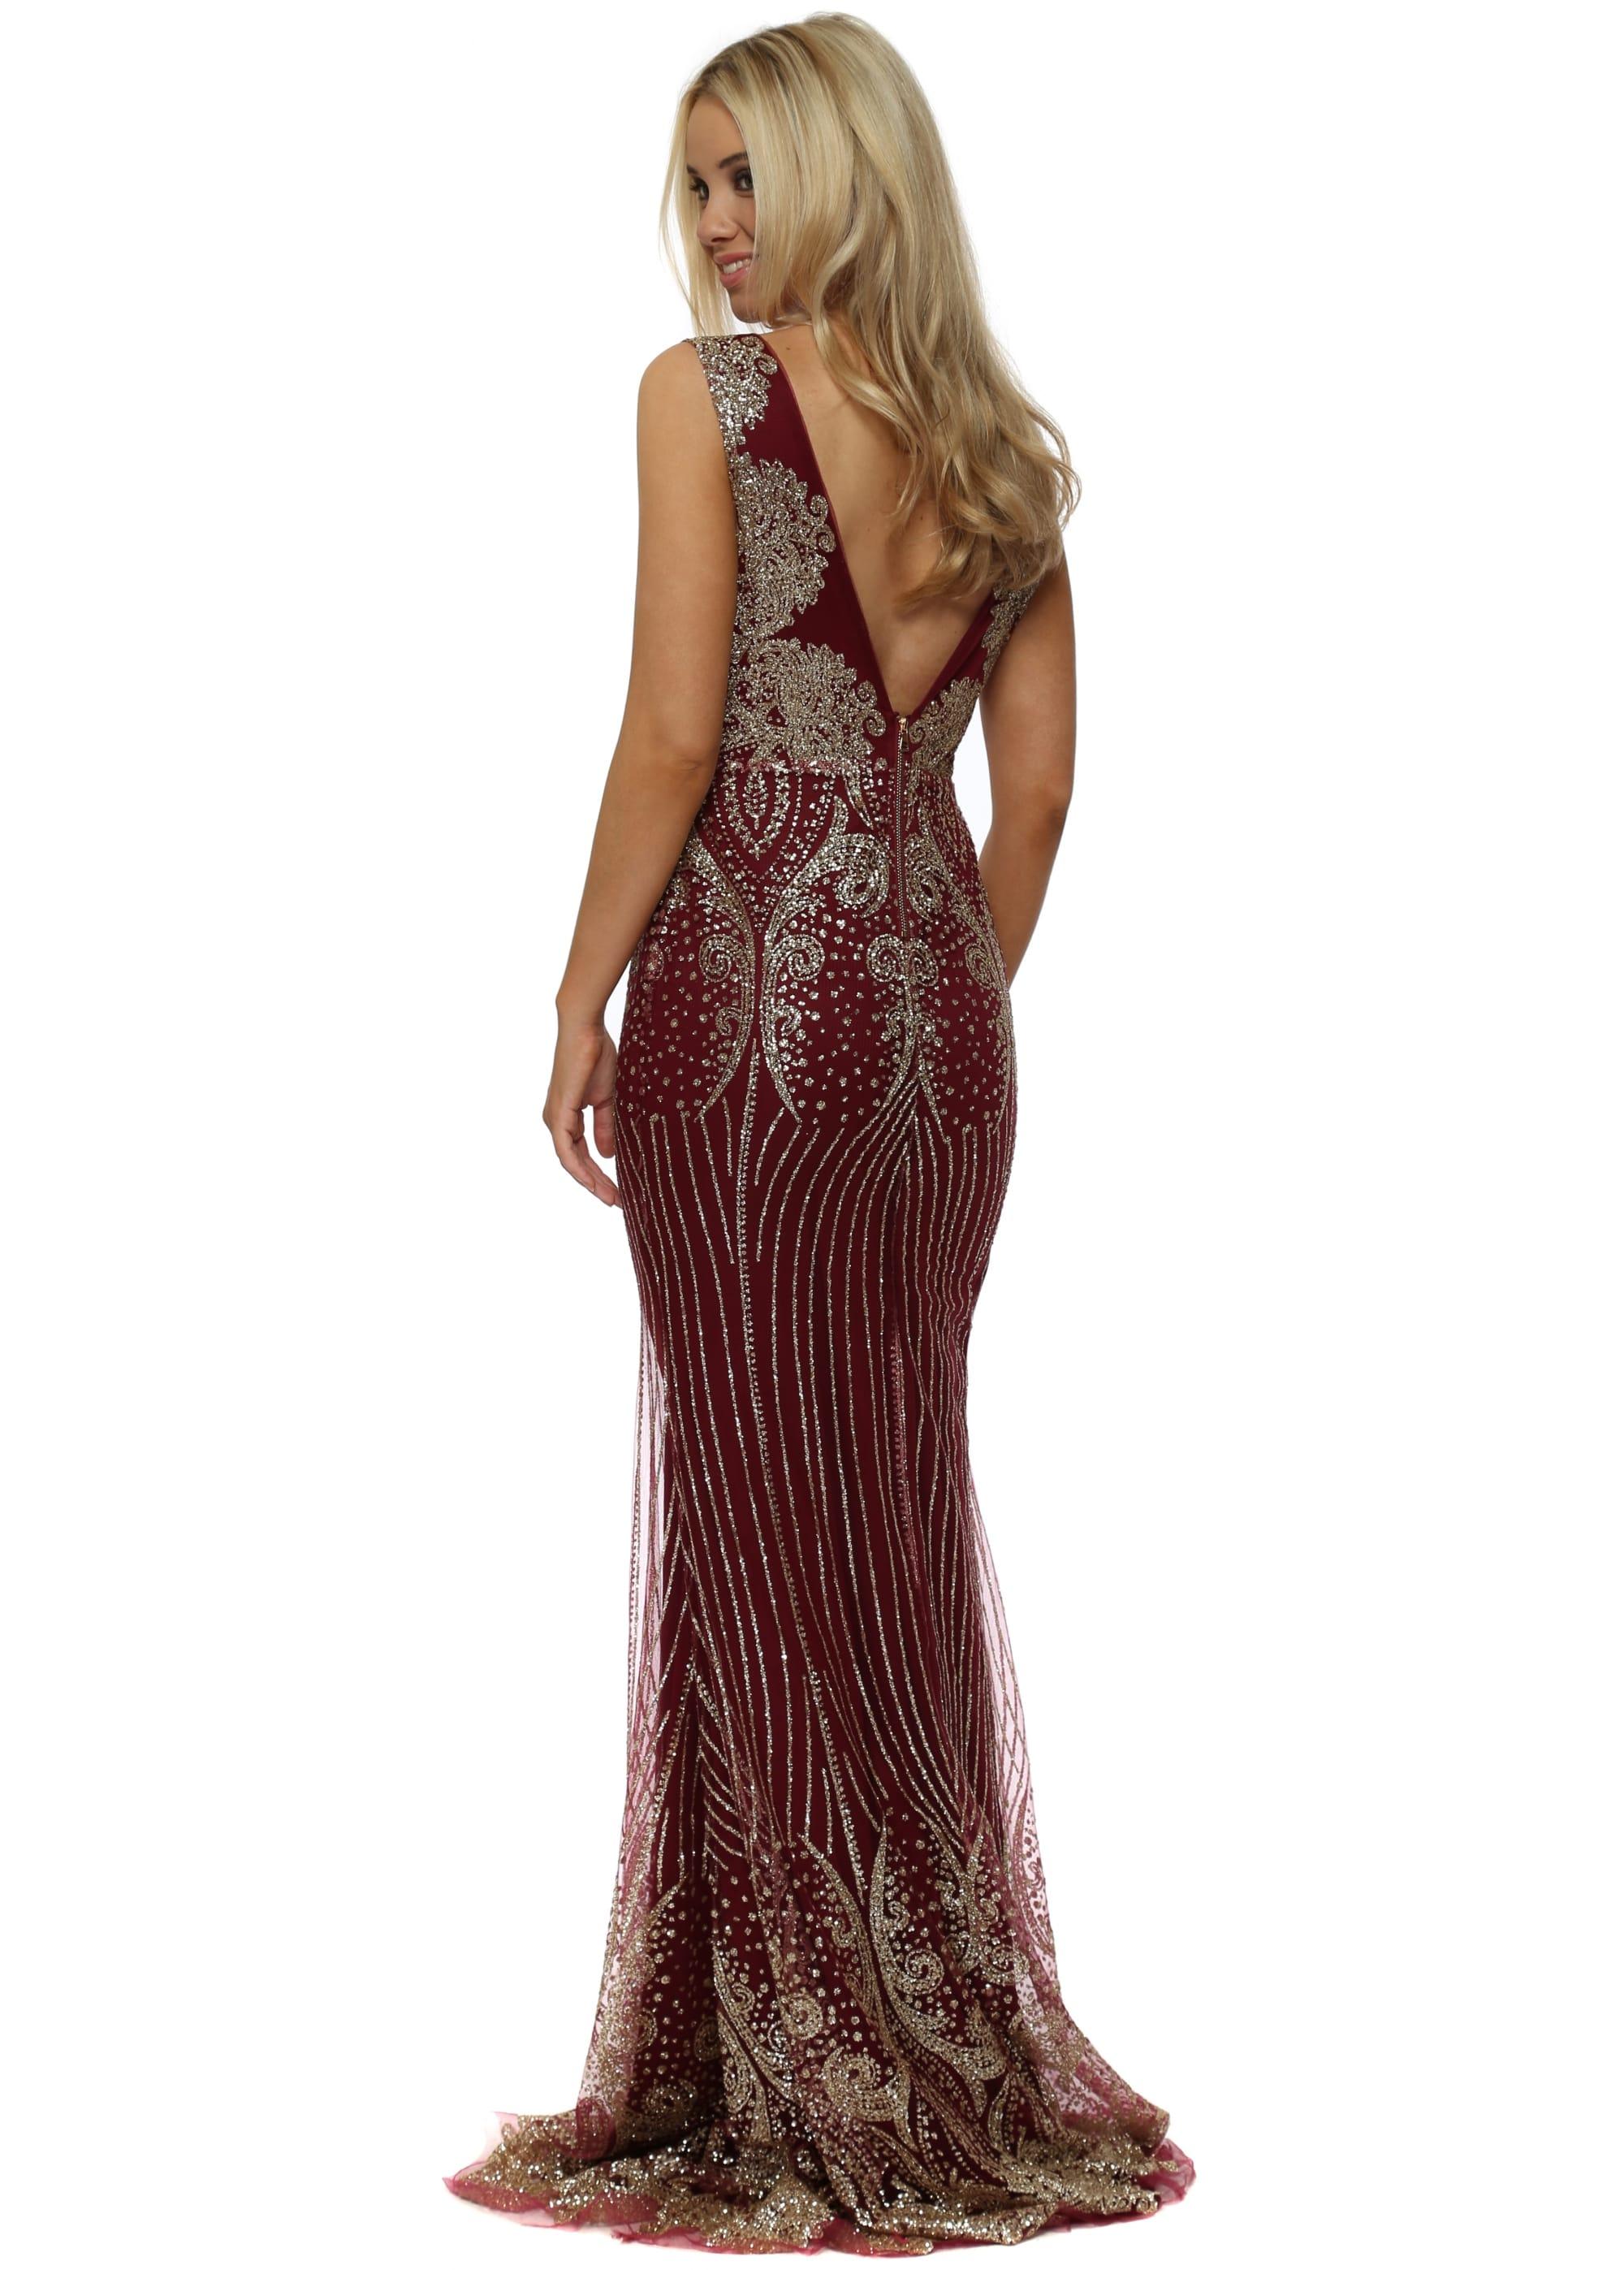 ba30cca1 Burgundy & Gold Glitter Sequins Fishtail Evening Dress